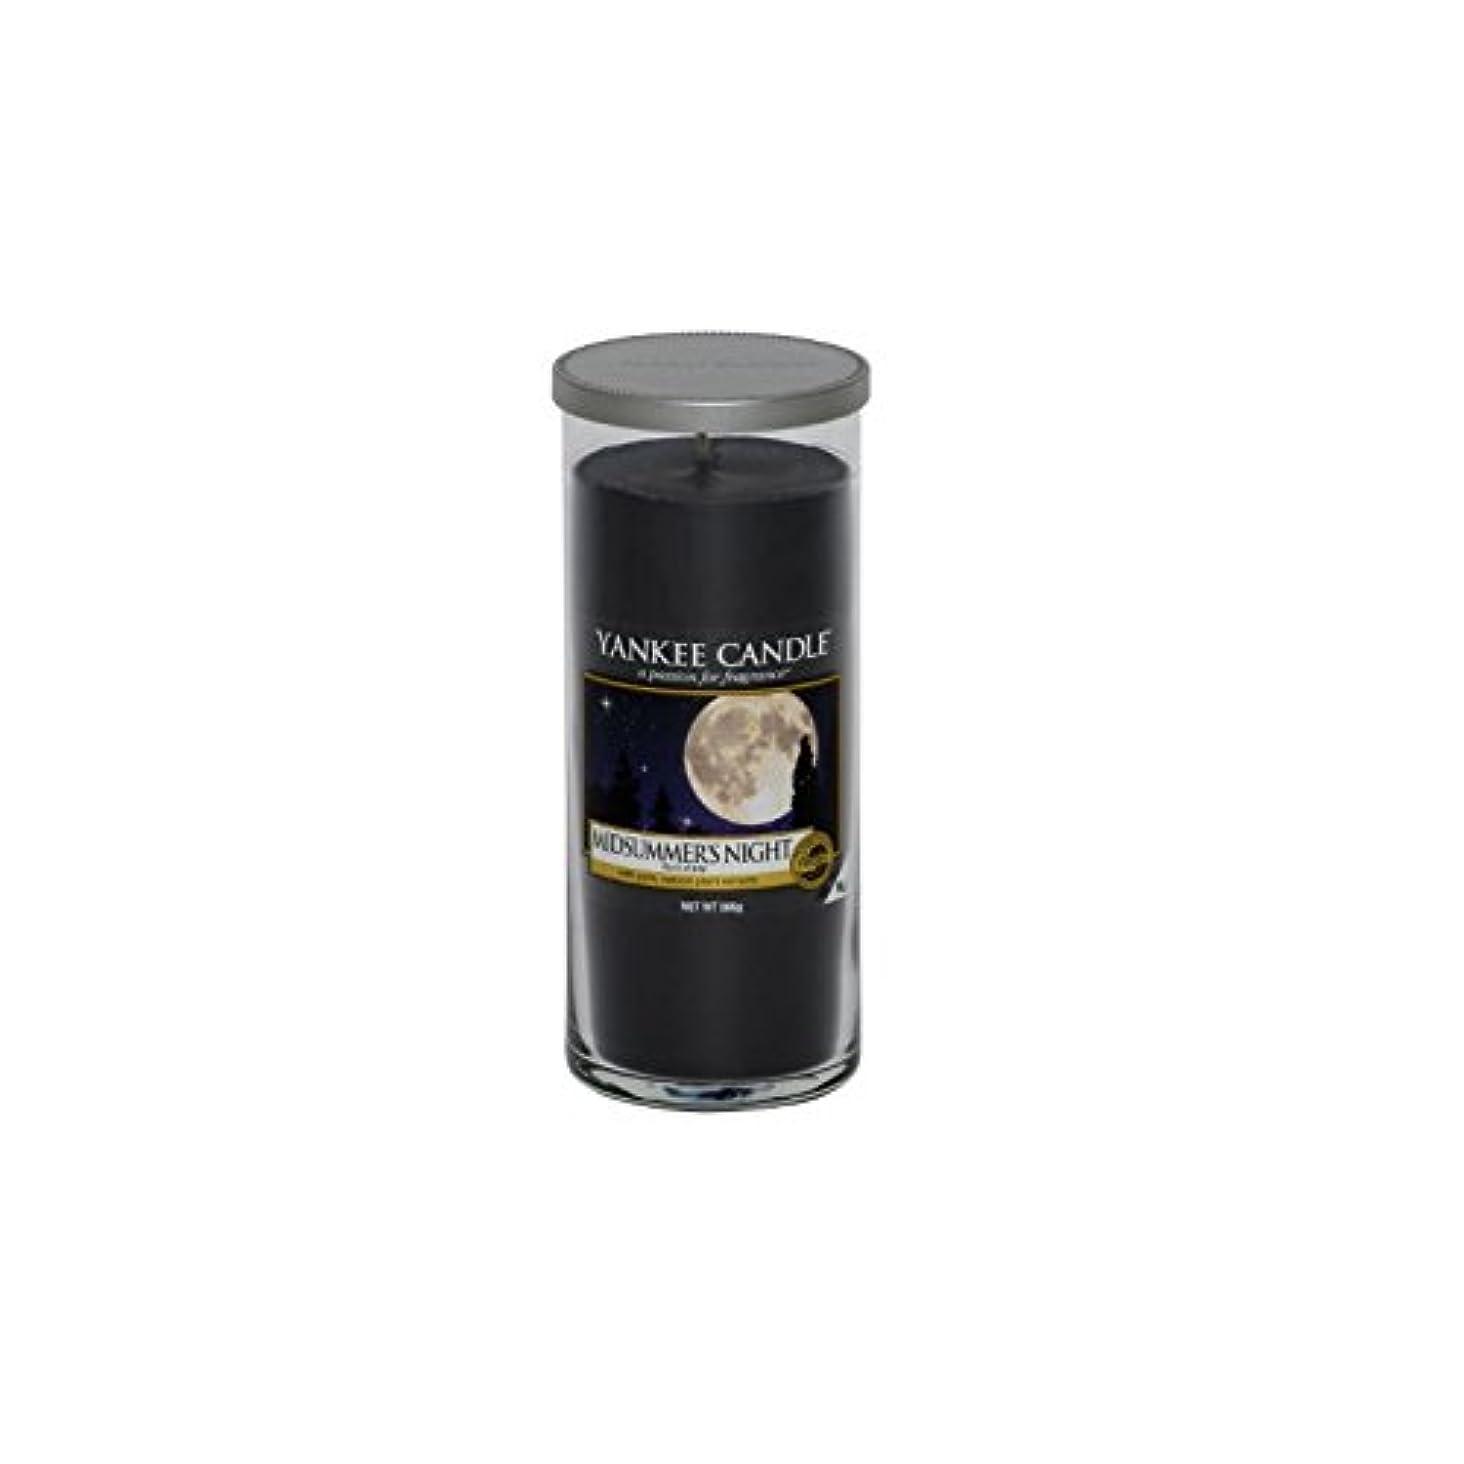 分布引き渡す賢明なYankee Candles Large Pillar Candle - Midsummer Night (Pack of 2) - ヤンキーキャンドル大きな柱のキャンドル - 真夏の夜 (x2) [並行輸入品]